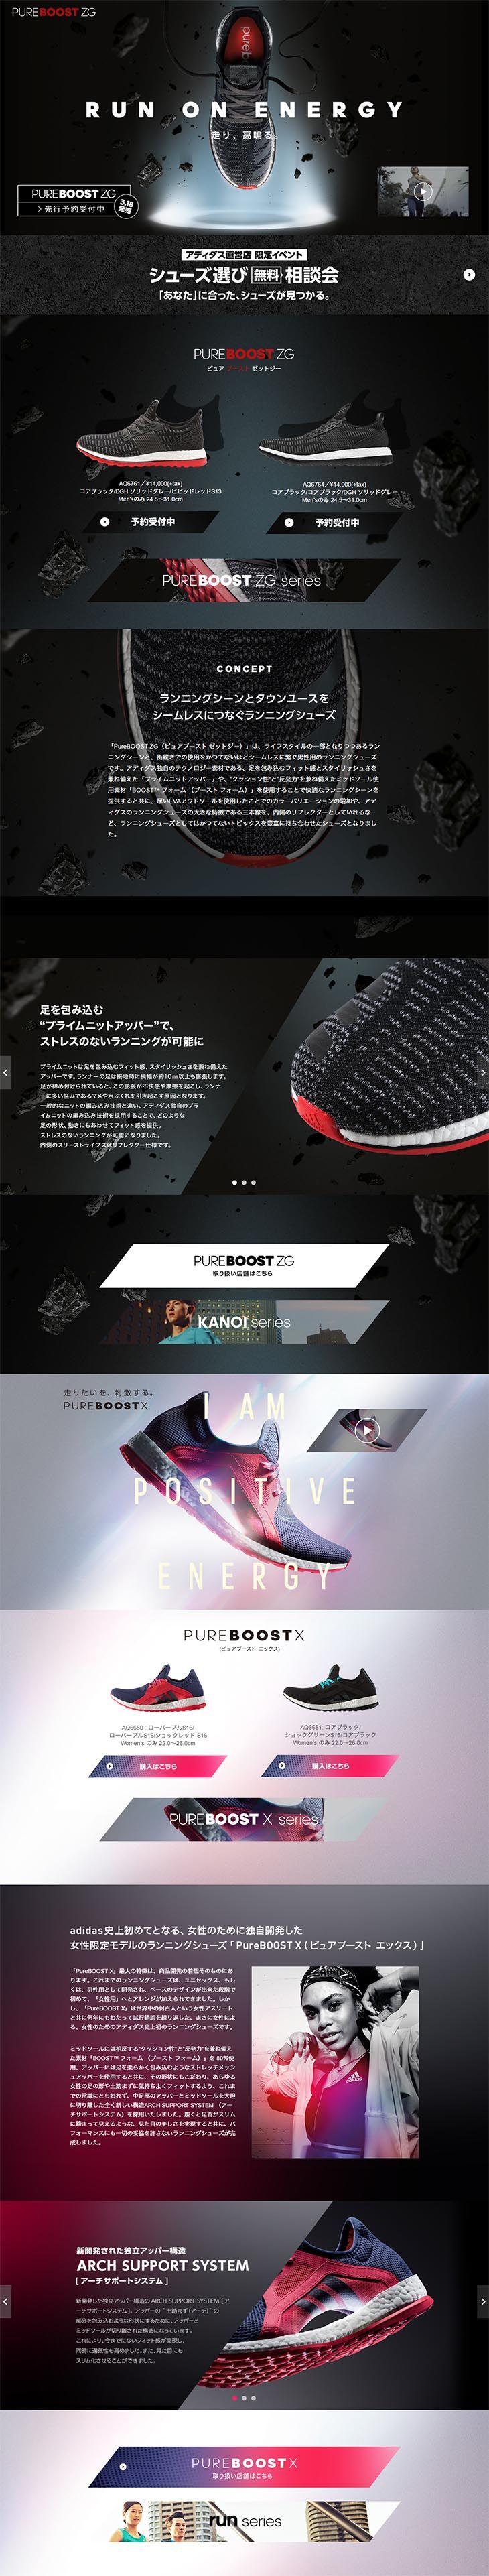 PURE BOOTS ZG【スポーツ関連】のLPデザイン。WEBデザイナーさん必見!ランディングページのデザイン参考に(かっこいい系)